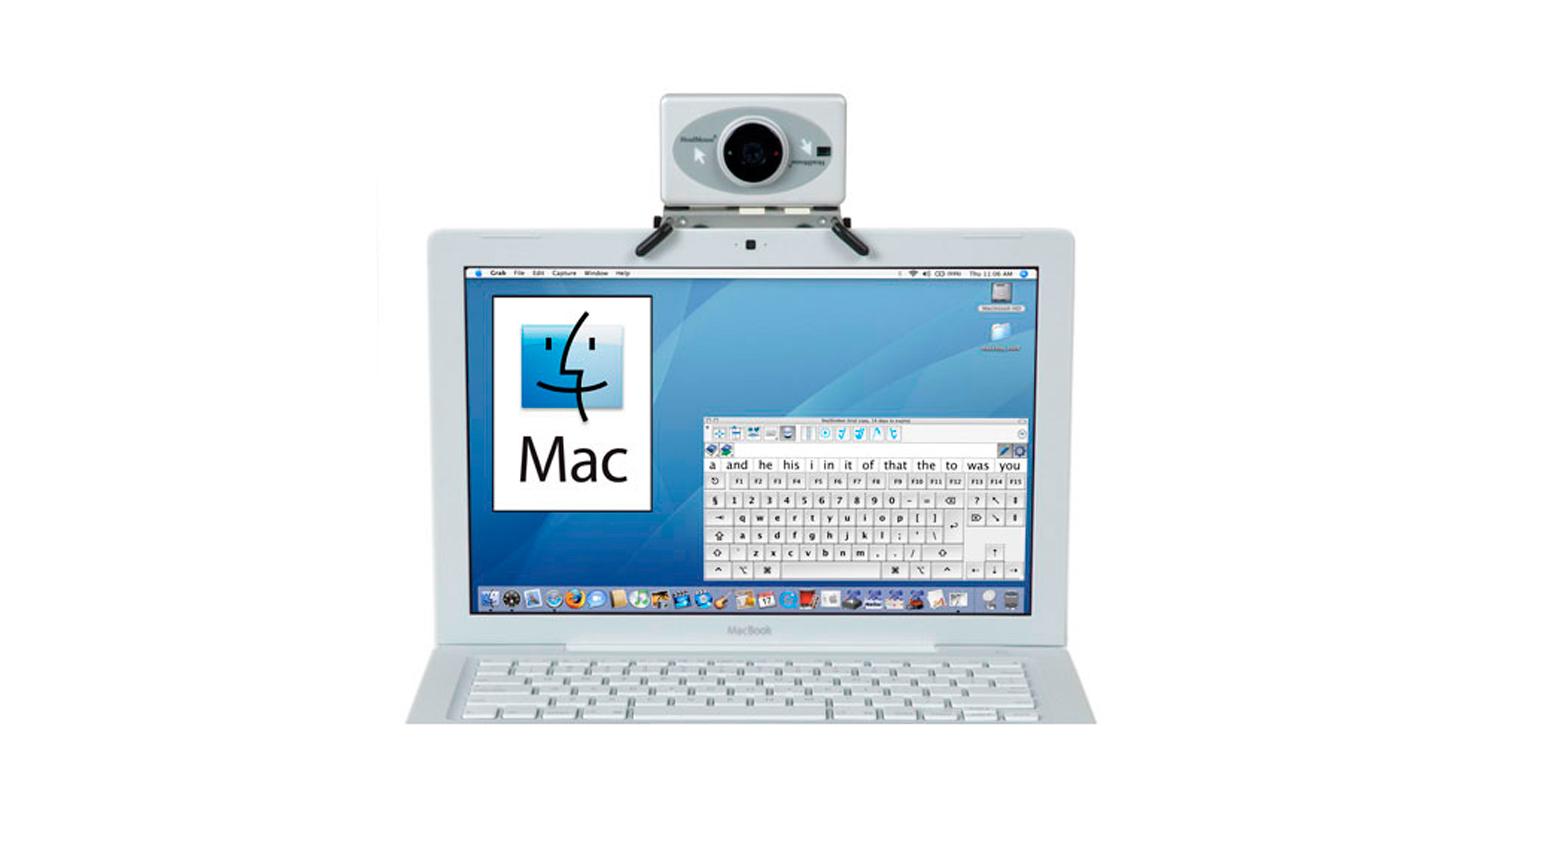 Zdjęcie przedstawia laptop, na który nałożona jest myszka. Jest przymocowana u góry monitora na środku, ma prostokątny kształt i mały, okrągły obiektyw.